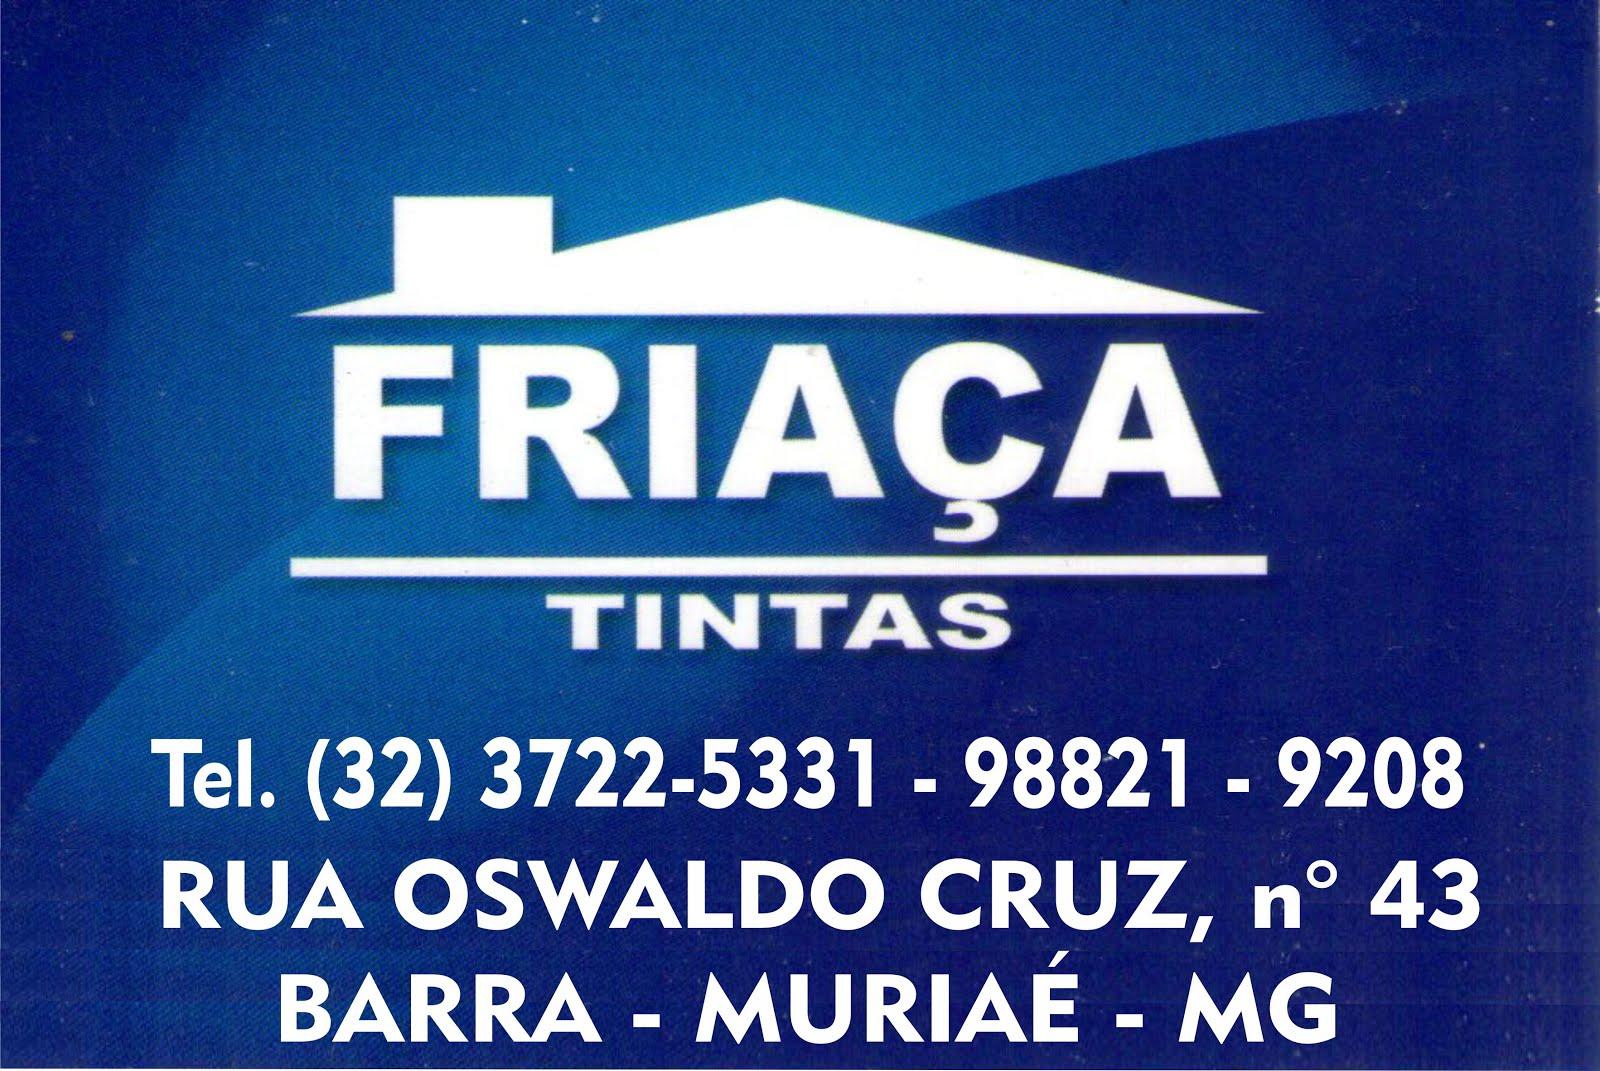 FRIAÇA TINTAS